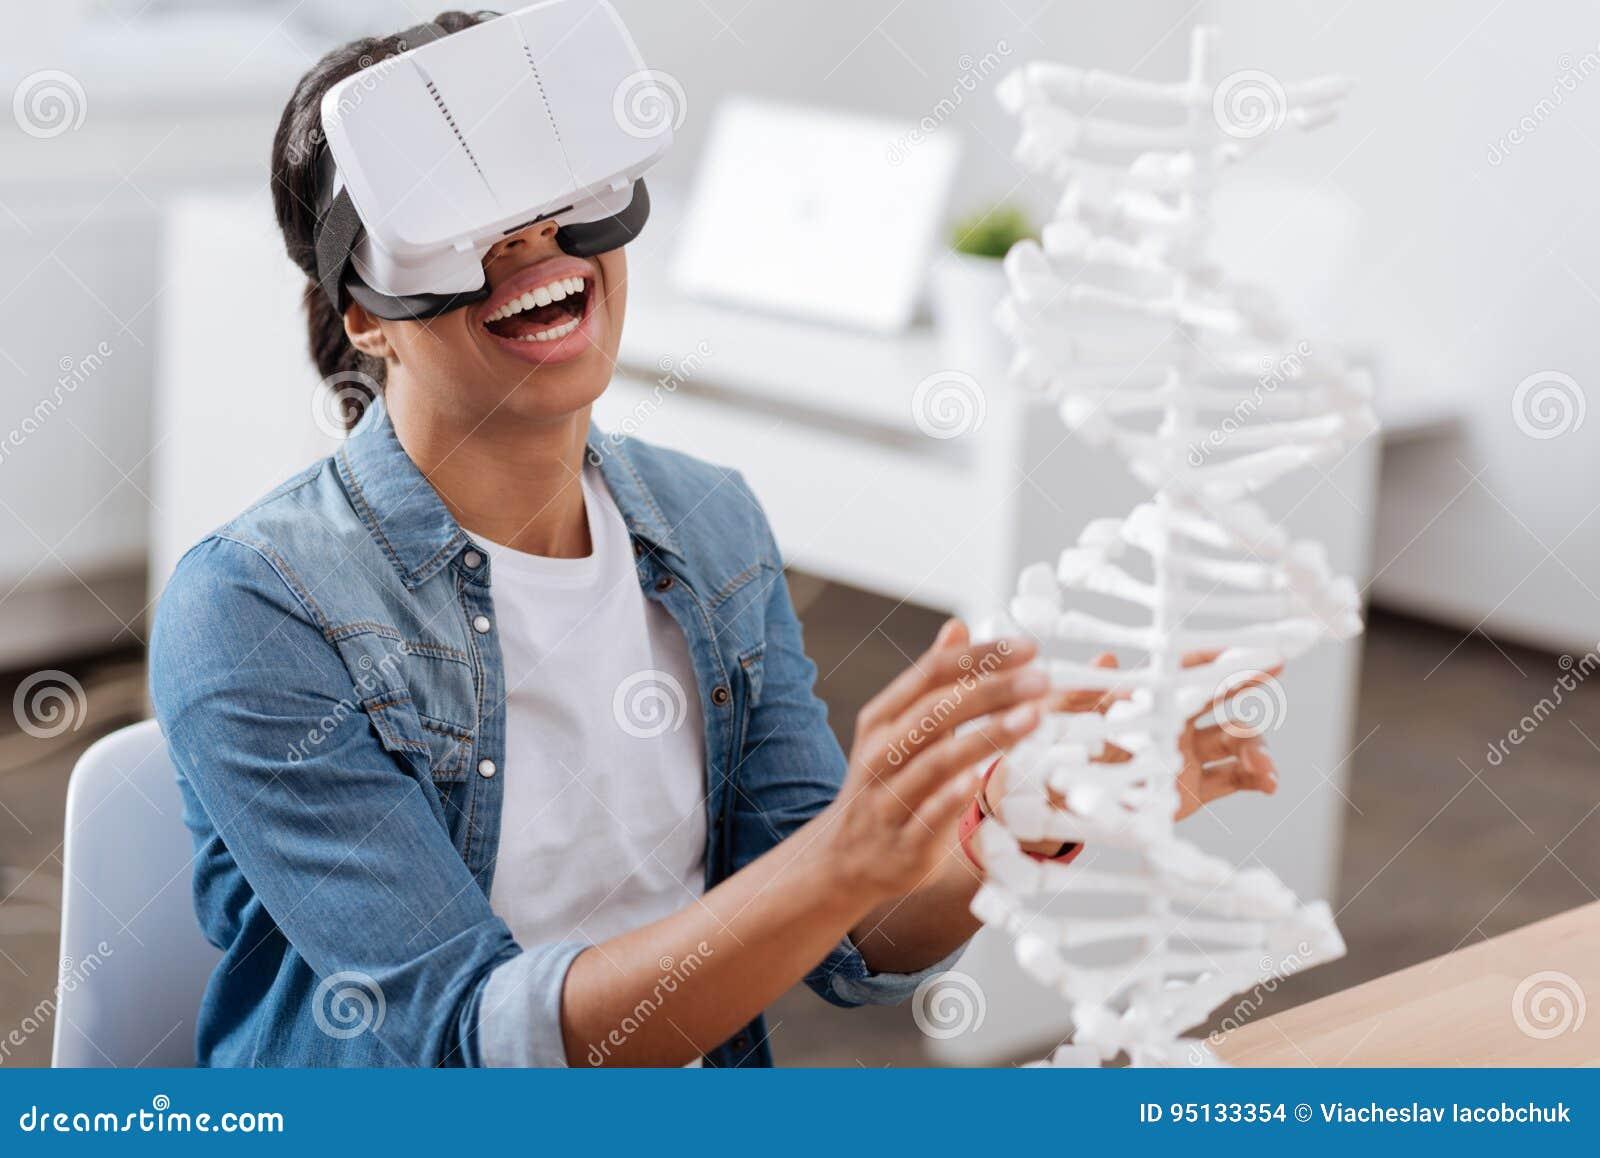 Glad Smart Student Som Studerar Genetik Arkivfoto - Bild av ... b753bb2460b8e